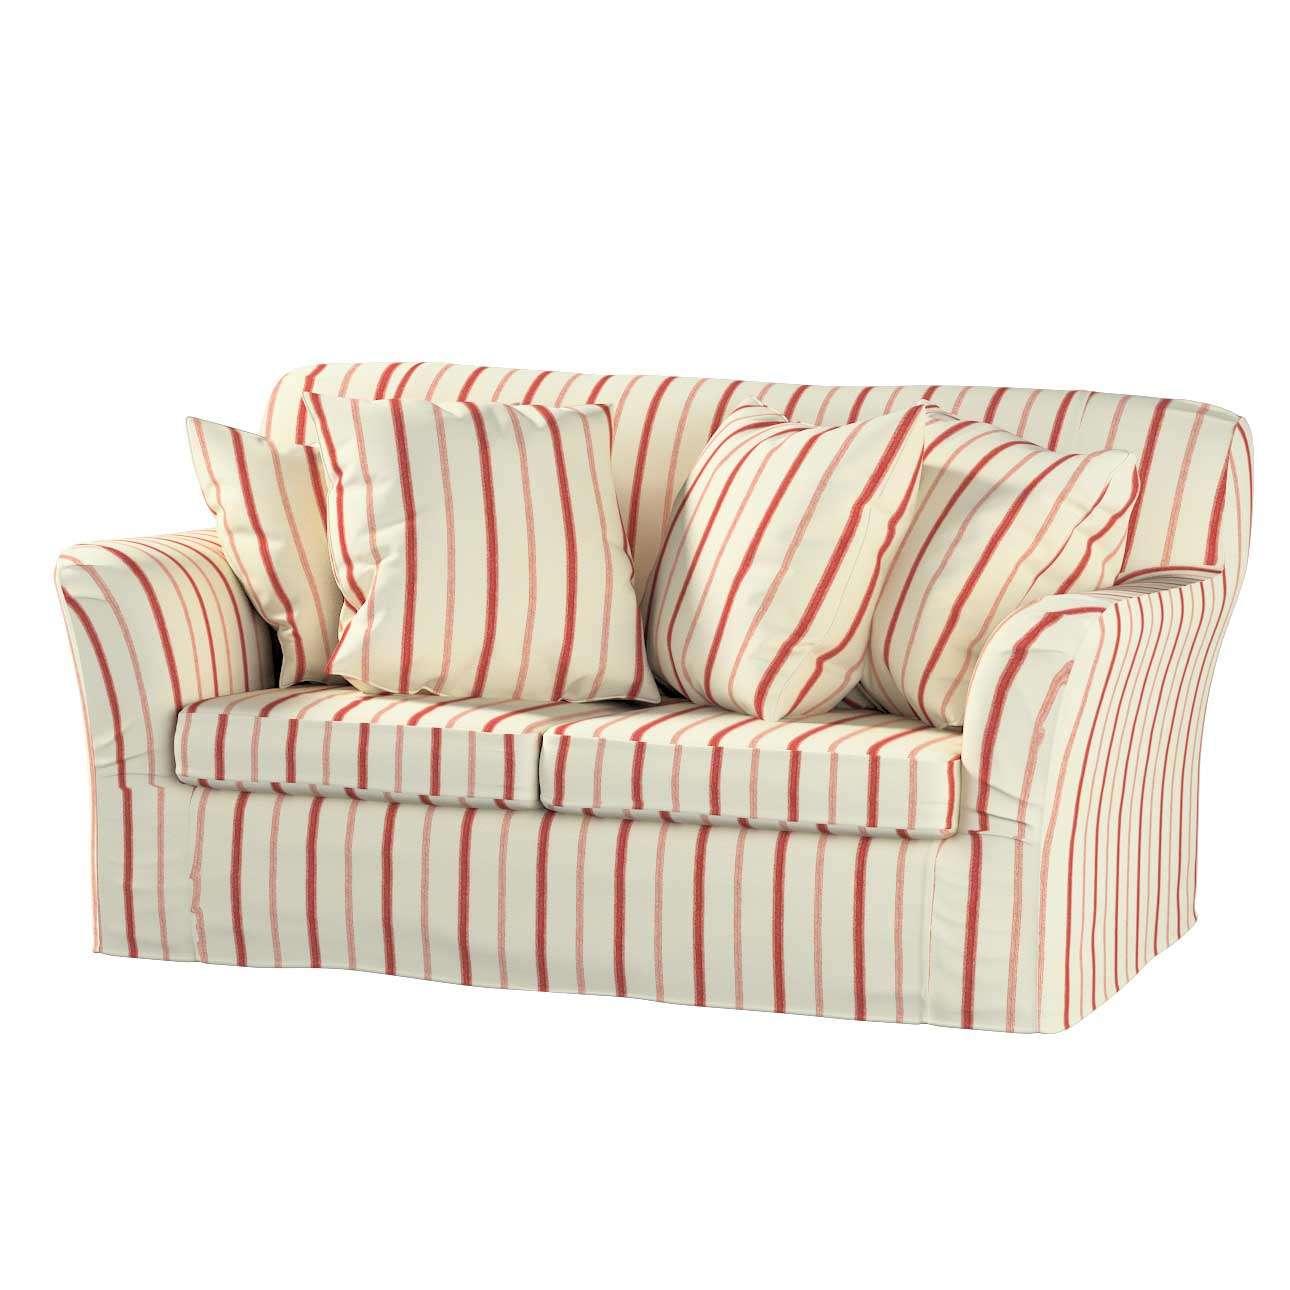 Tomelilla 2-seater sofa cover in collection Avinon, fabric: 129-15